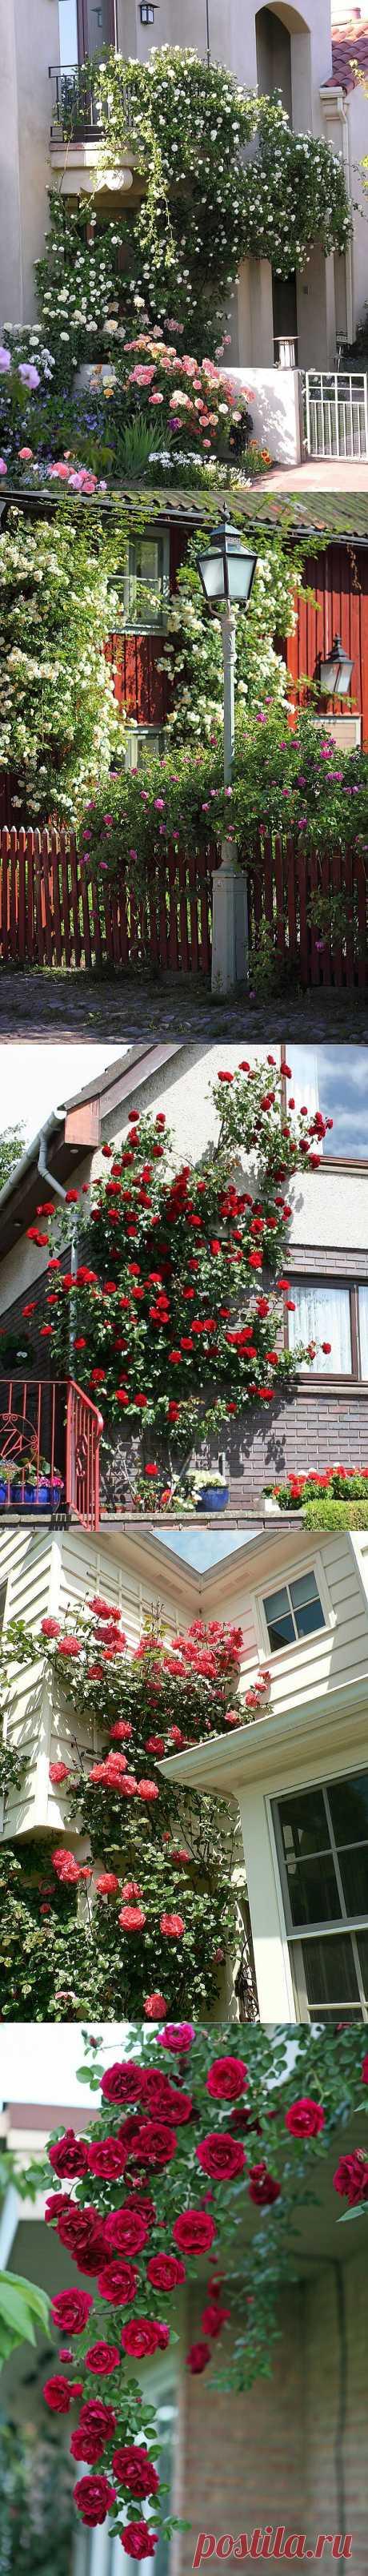 Вся роскошь вьющихся роз на службе красоты и уюта | Наш уютный дом